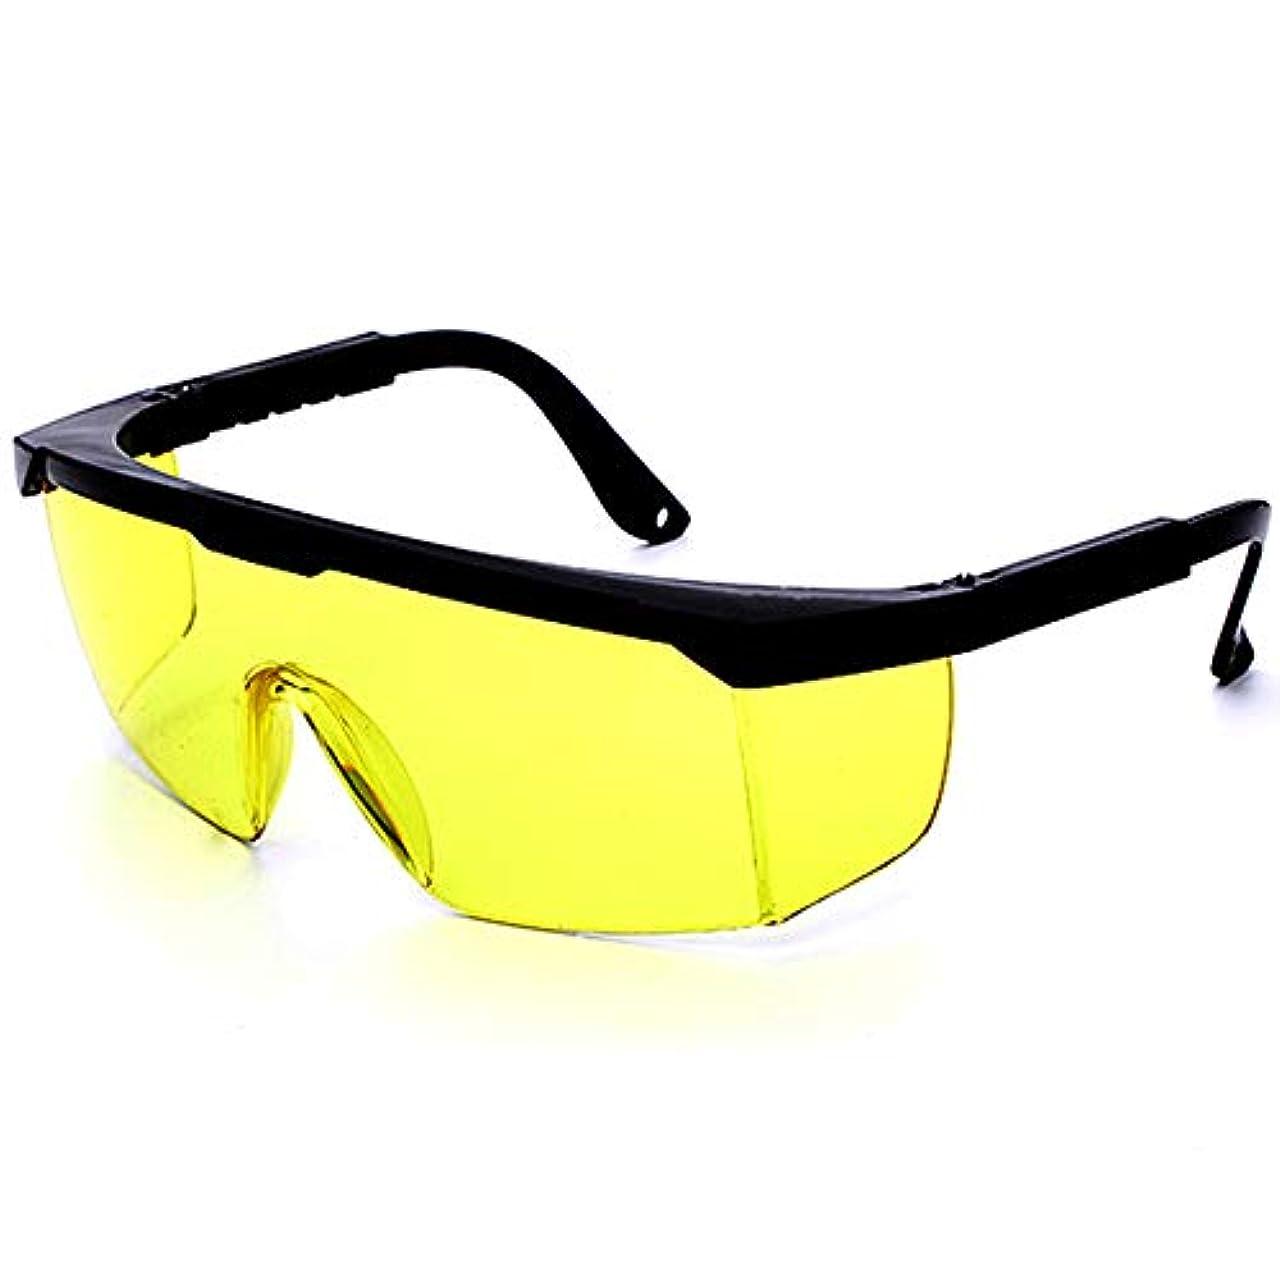 反乱愛撫ピアースレーザー保護メガネIPL美容機器メガネ、レーザーメガネ - 2組のパルス光保護メガネ。